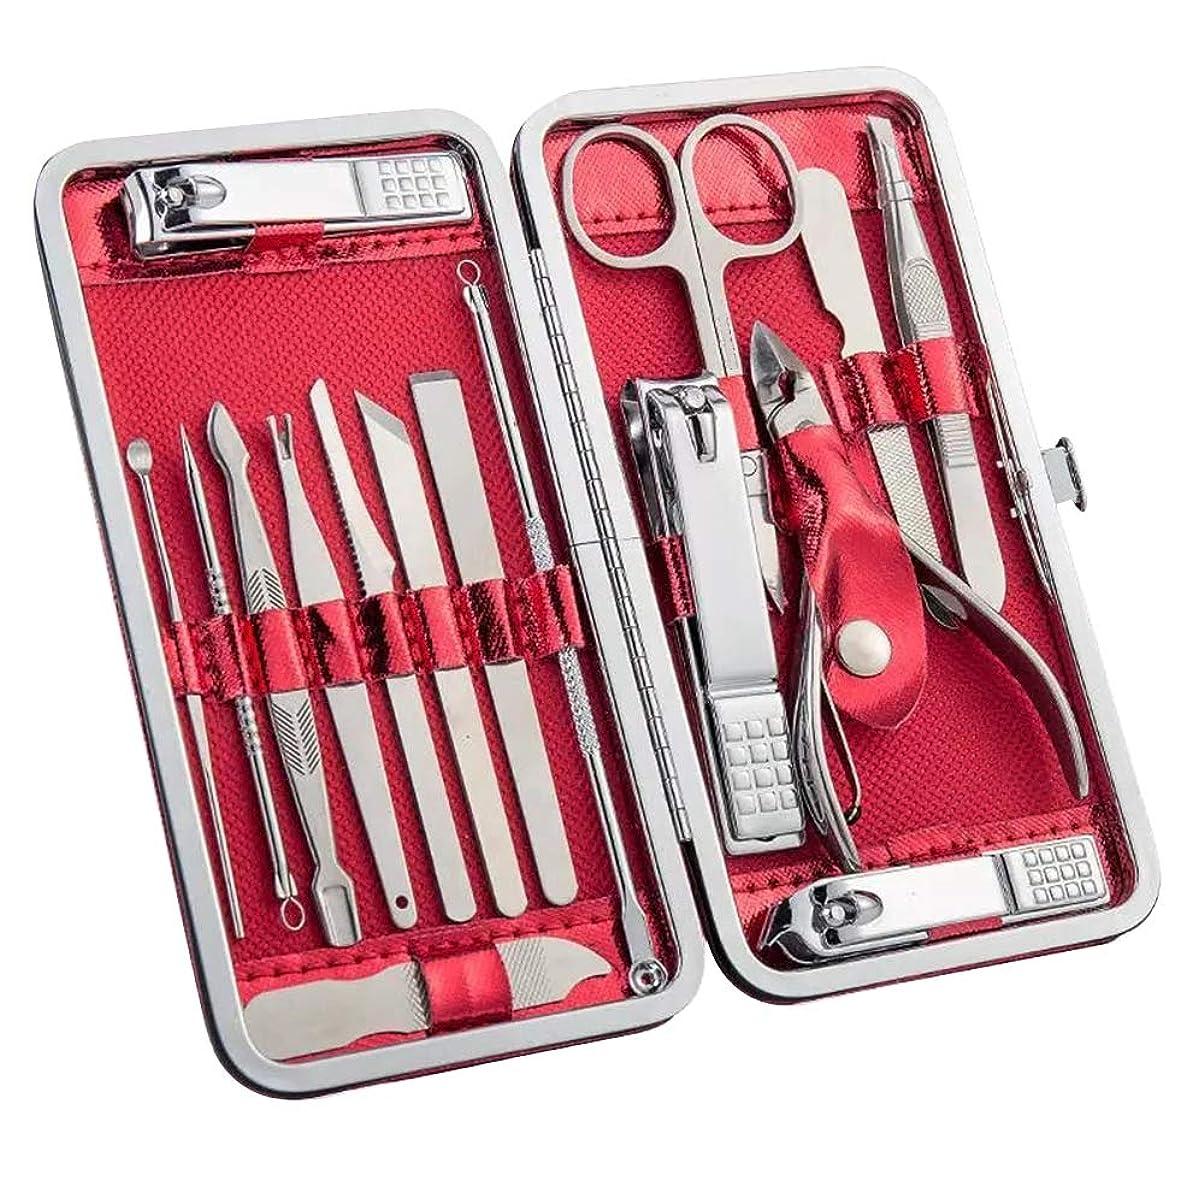 ホラー追い払う協力的BOZEVON ネイルケア16点セット - 角質ケアステンレス製爪切りセット, レッド